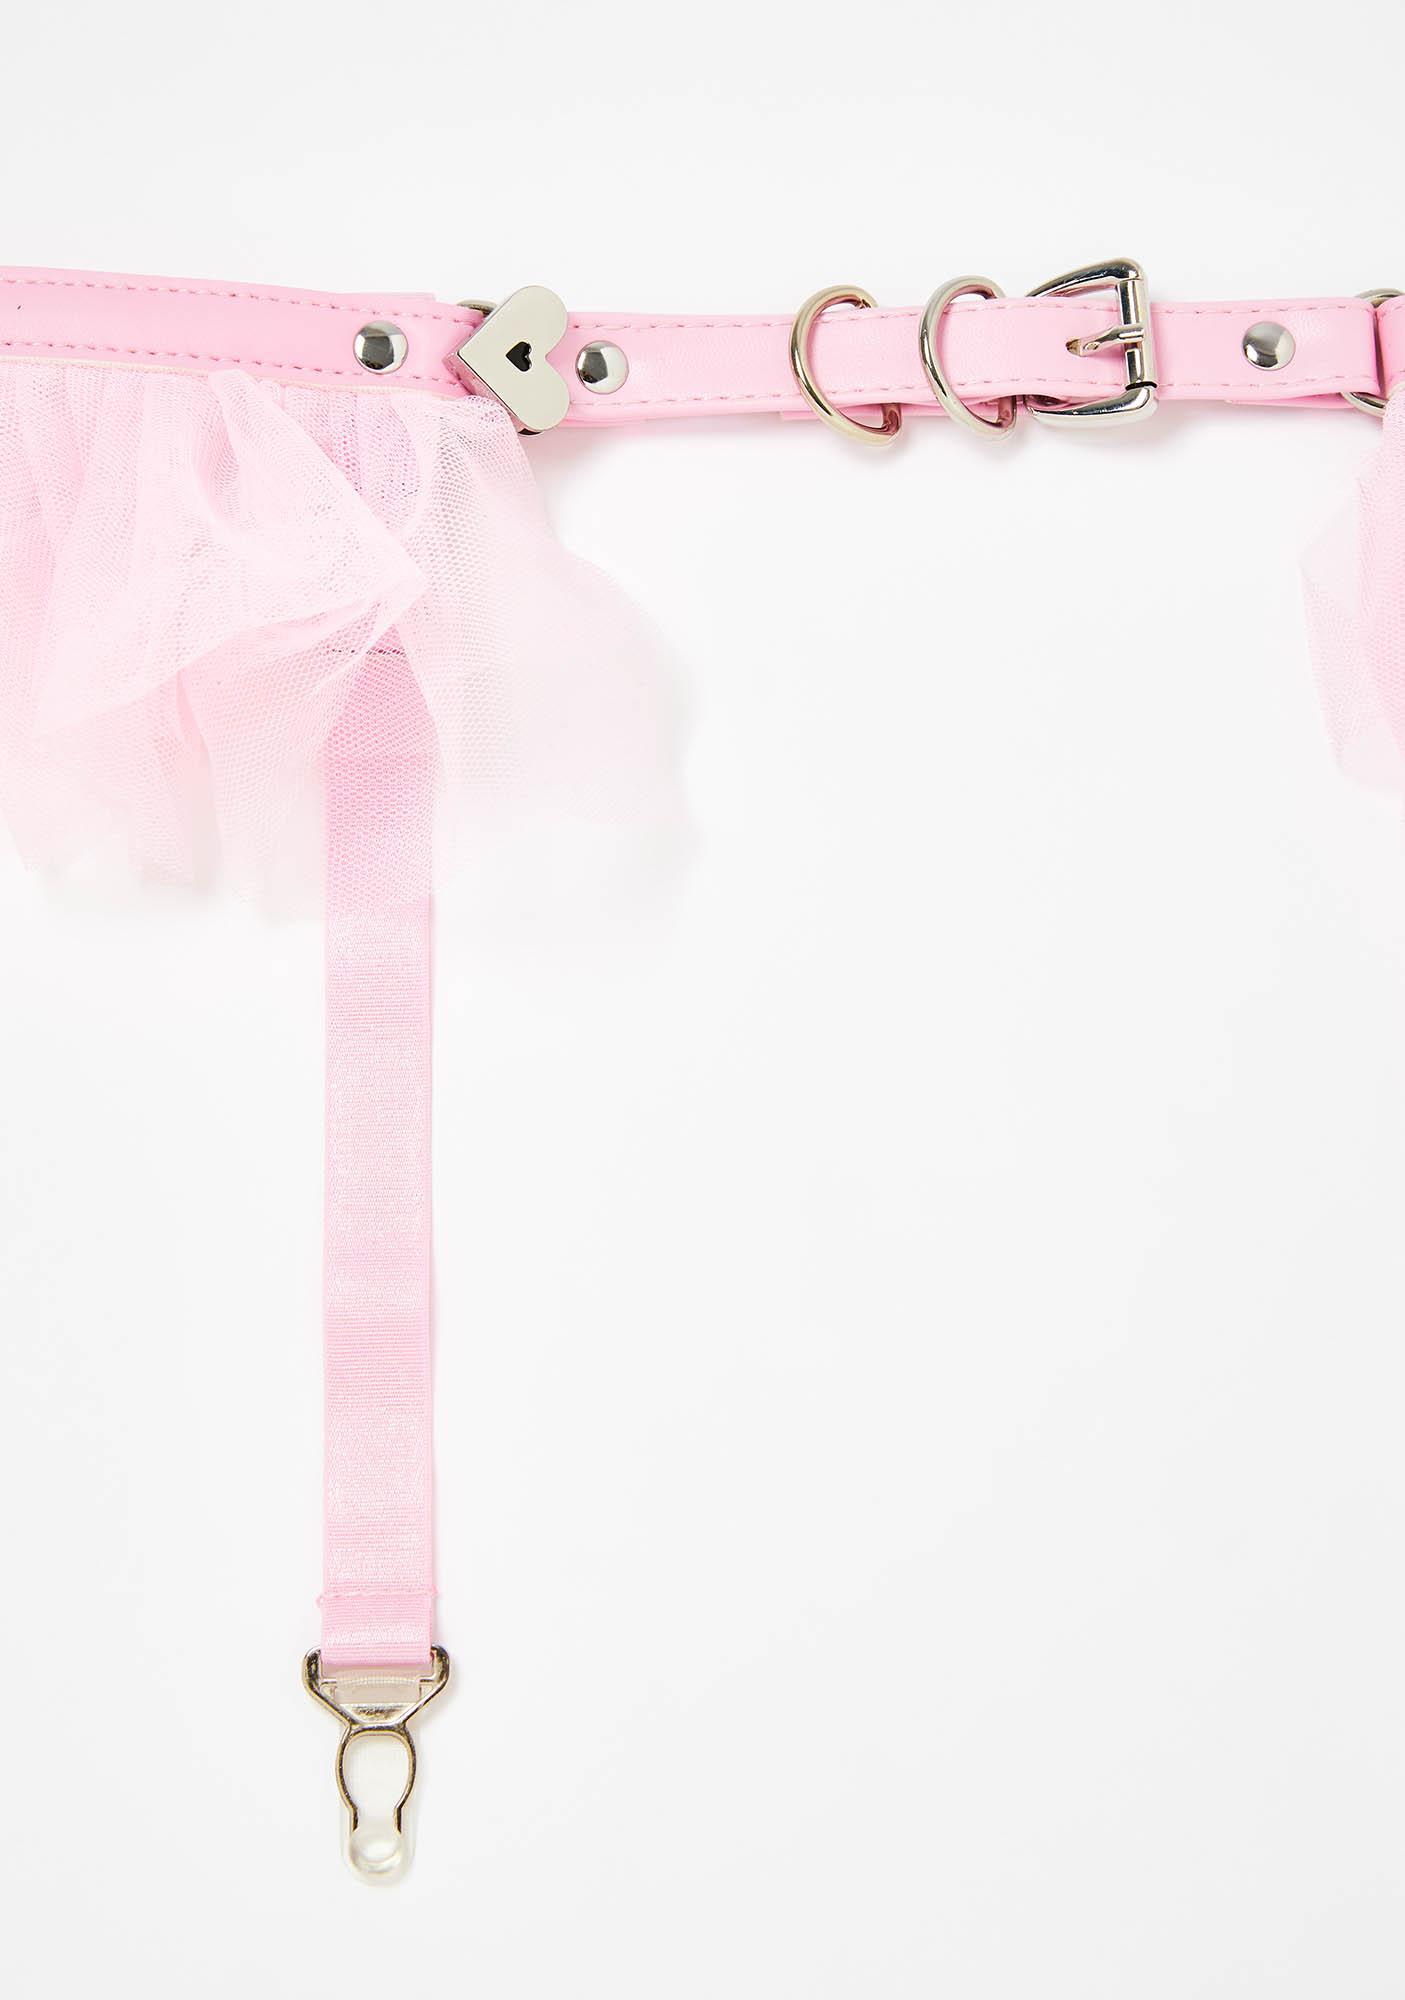 Blush Do The Splits Tulle Ruffle Garter Belt